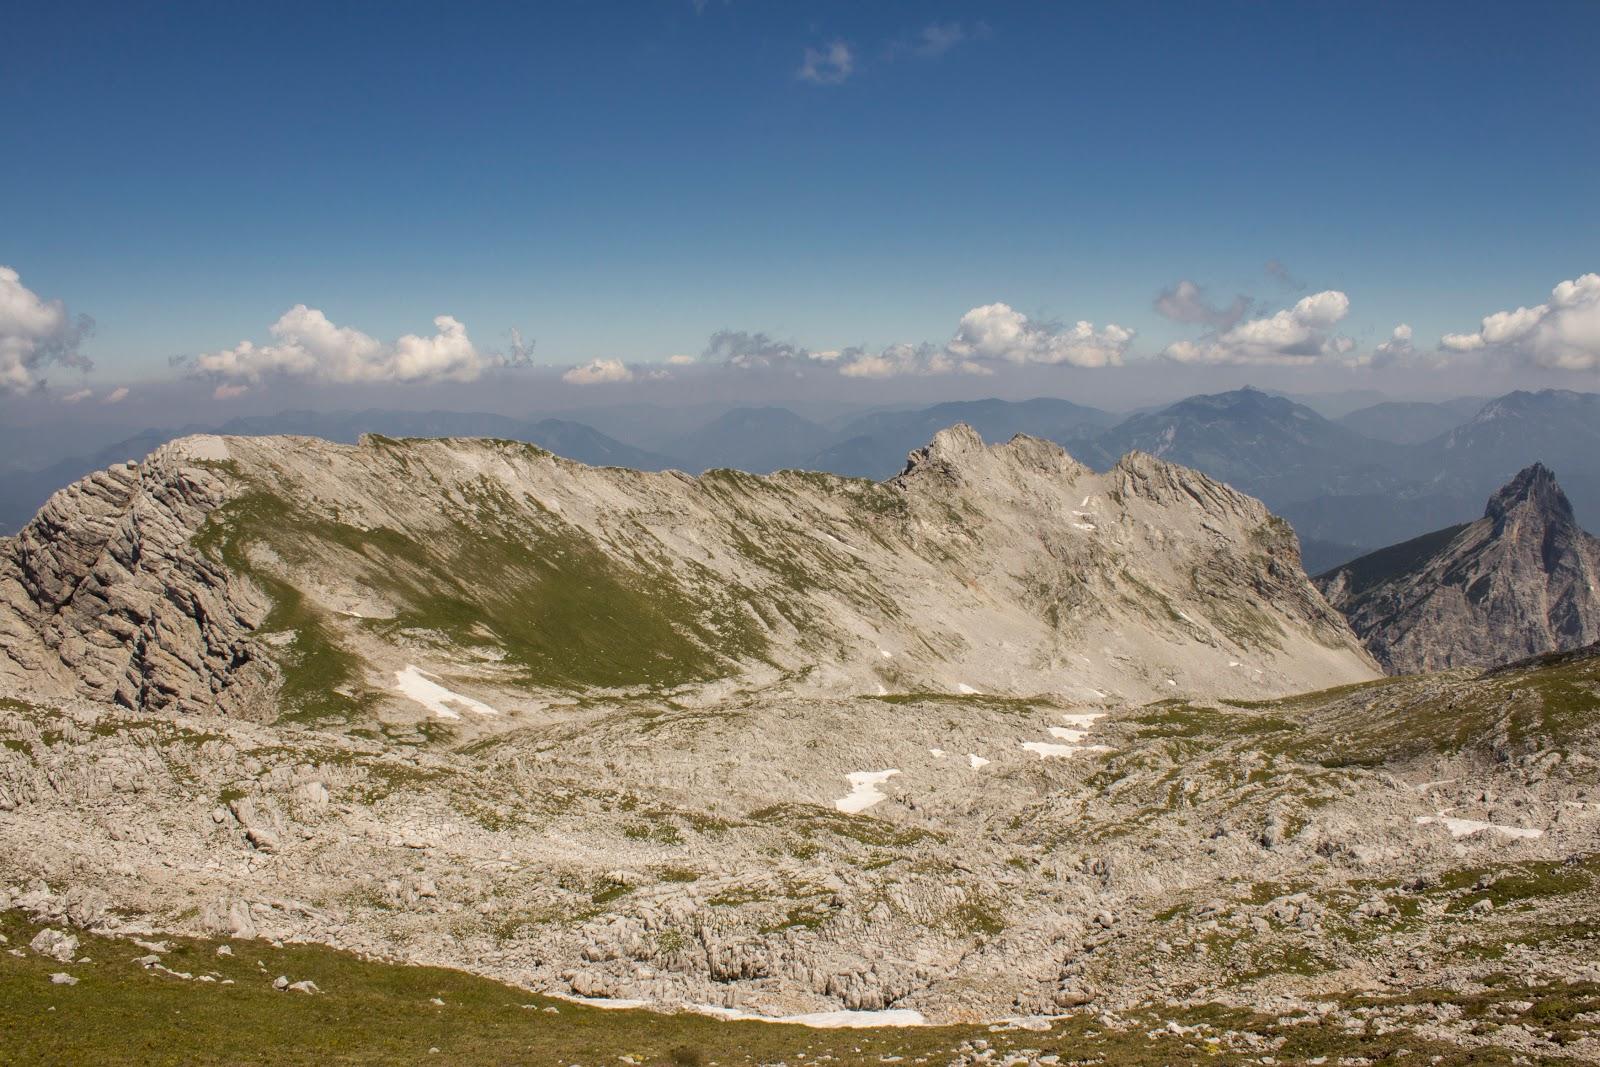 Zweitätige Wanderung im Gesäuse von Gsatterboden zum Buchsteinhaus und weiter über den Südwandband Klettersteig auf den Großen Buchstein - Ausstieg Klettersteig